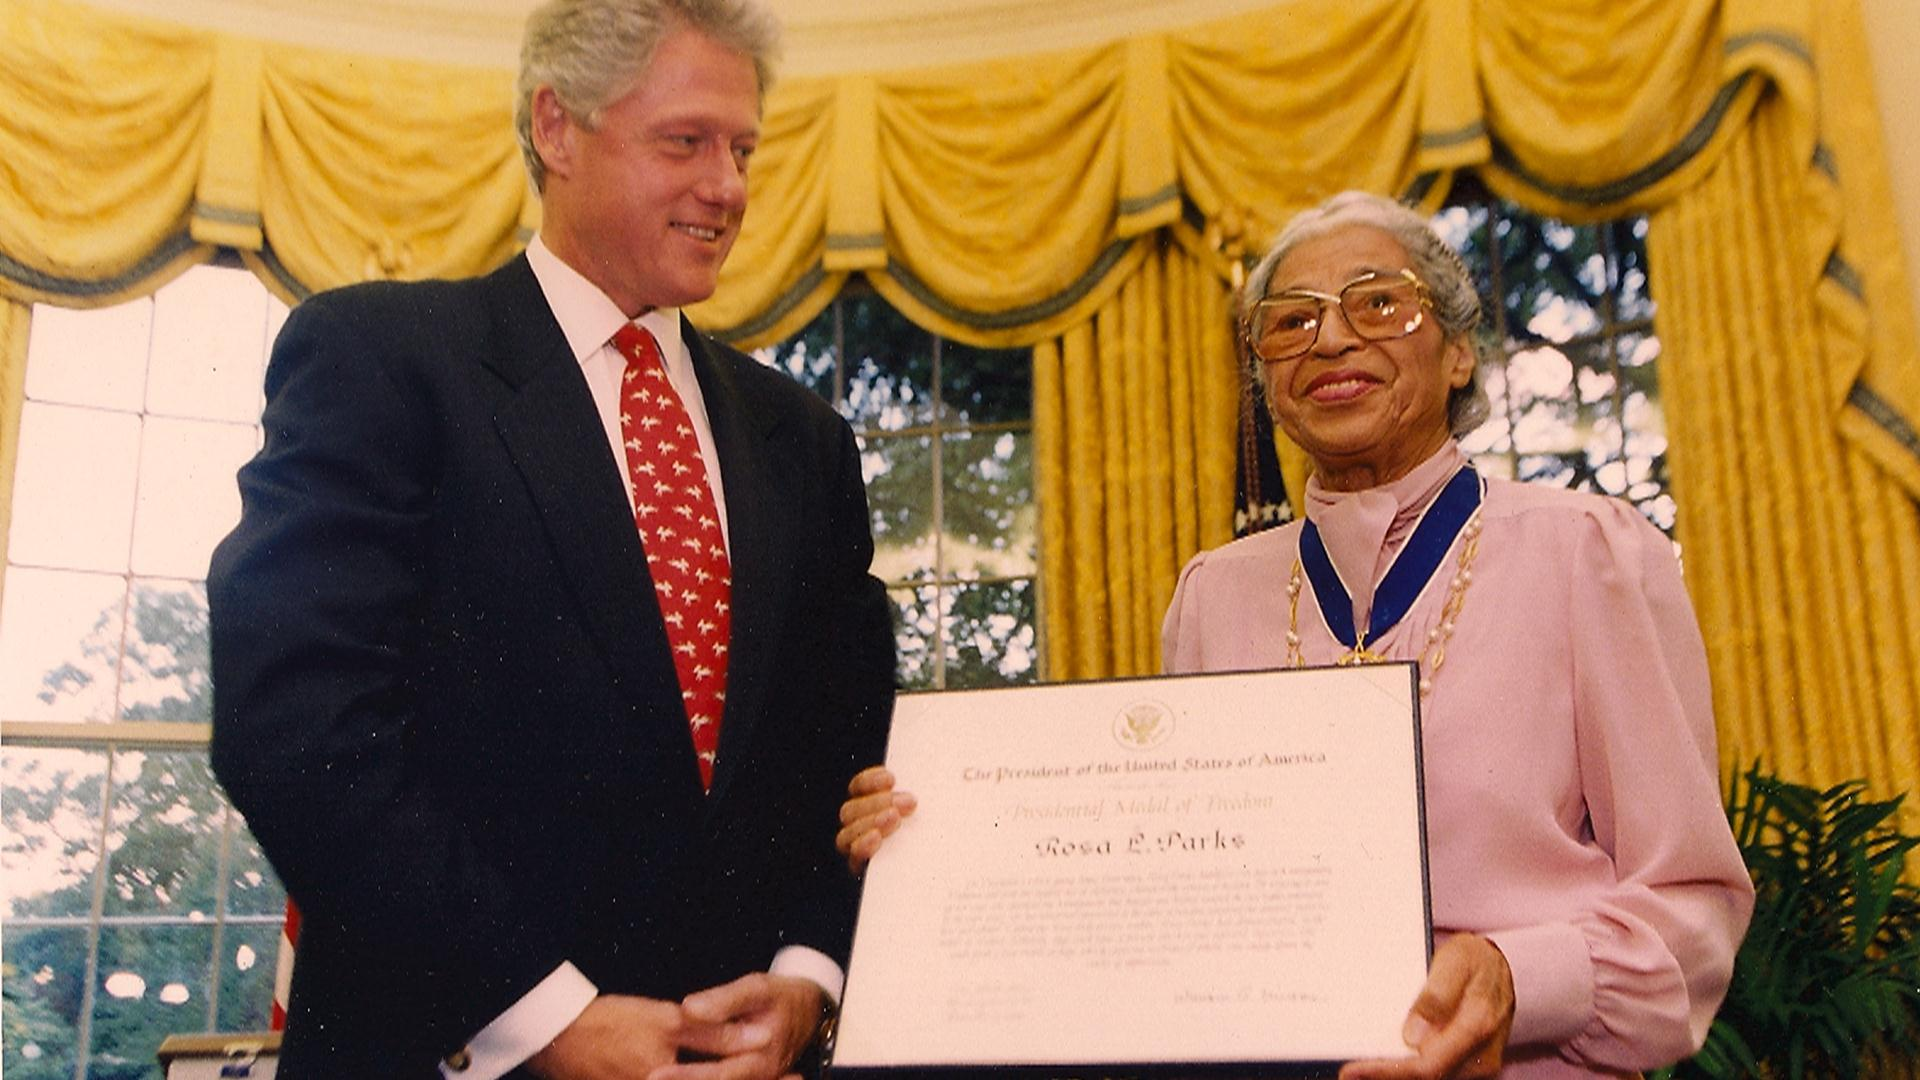 Durante una condecoración junto al presidente Bill Clinton.